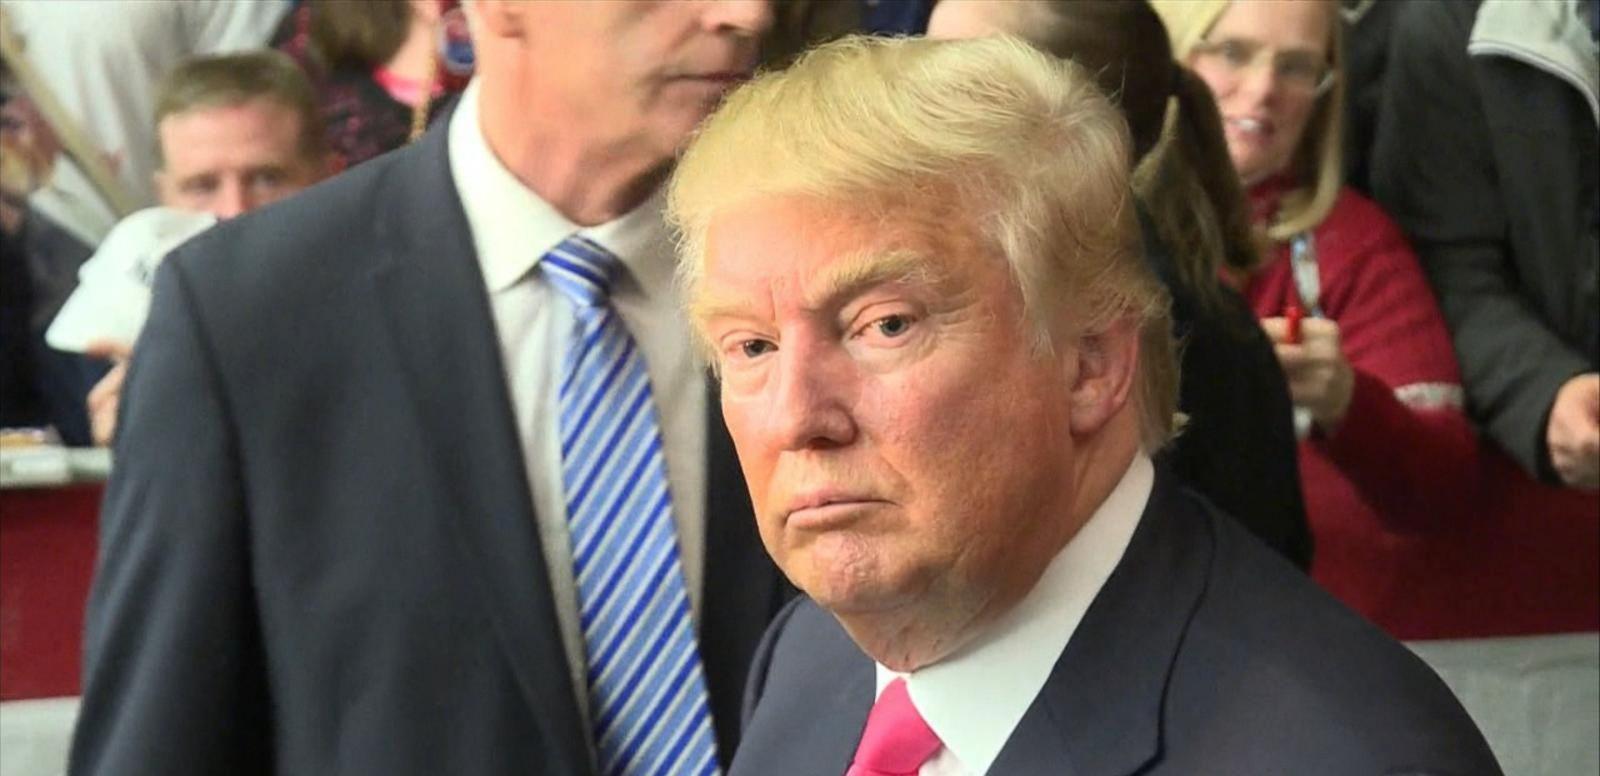 VIDEO: Donald Trump Discusses Michigan, Mississippi Primary Strategies